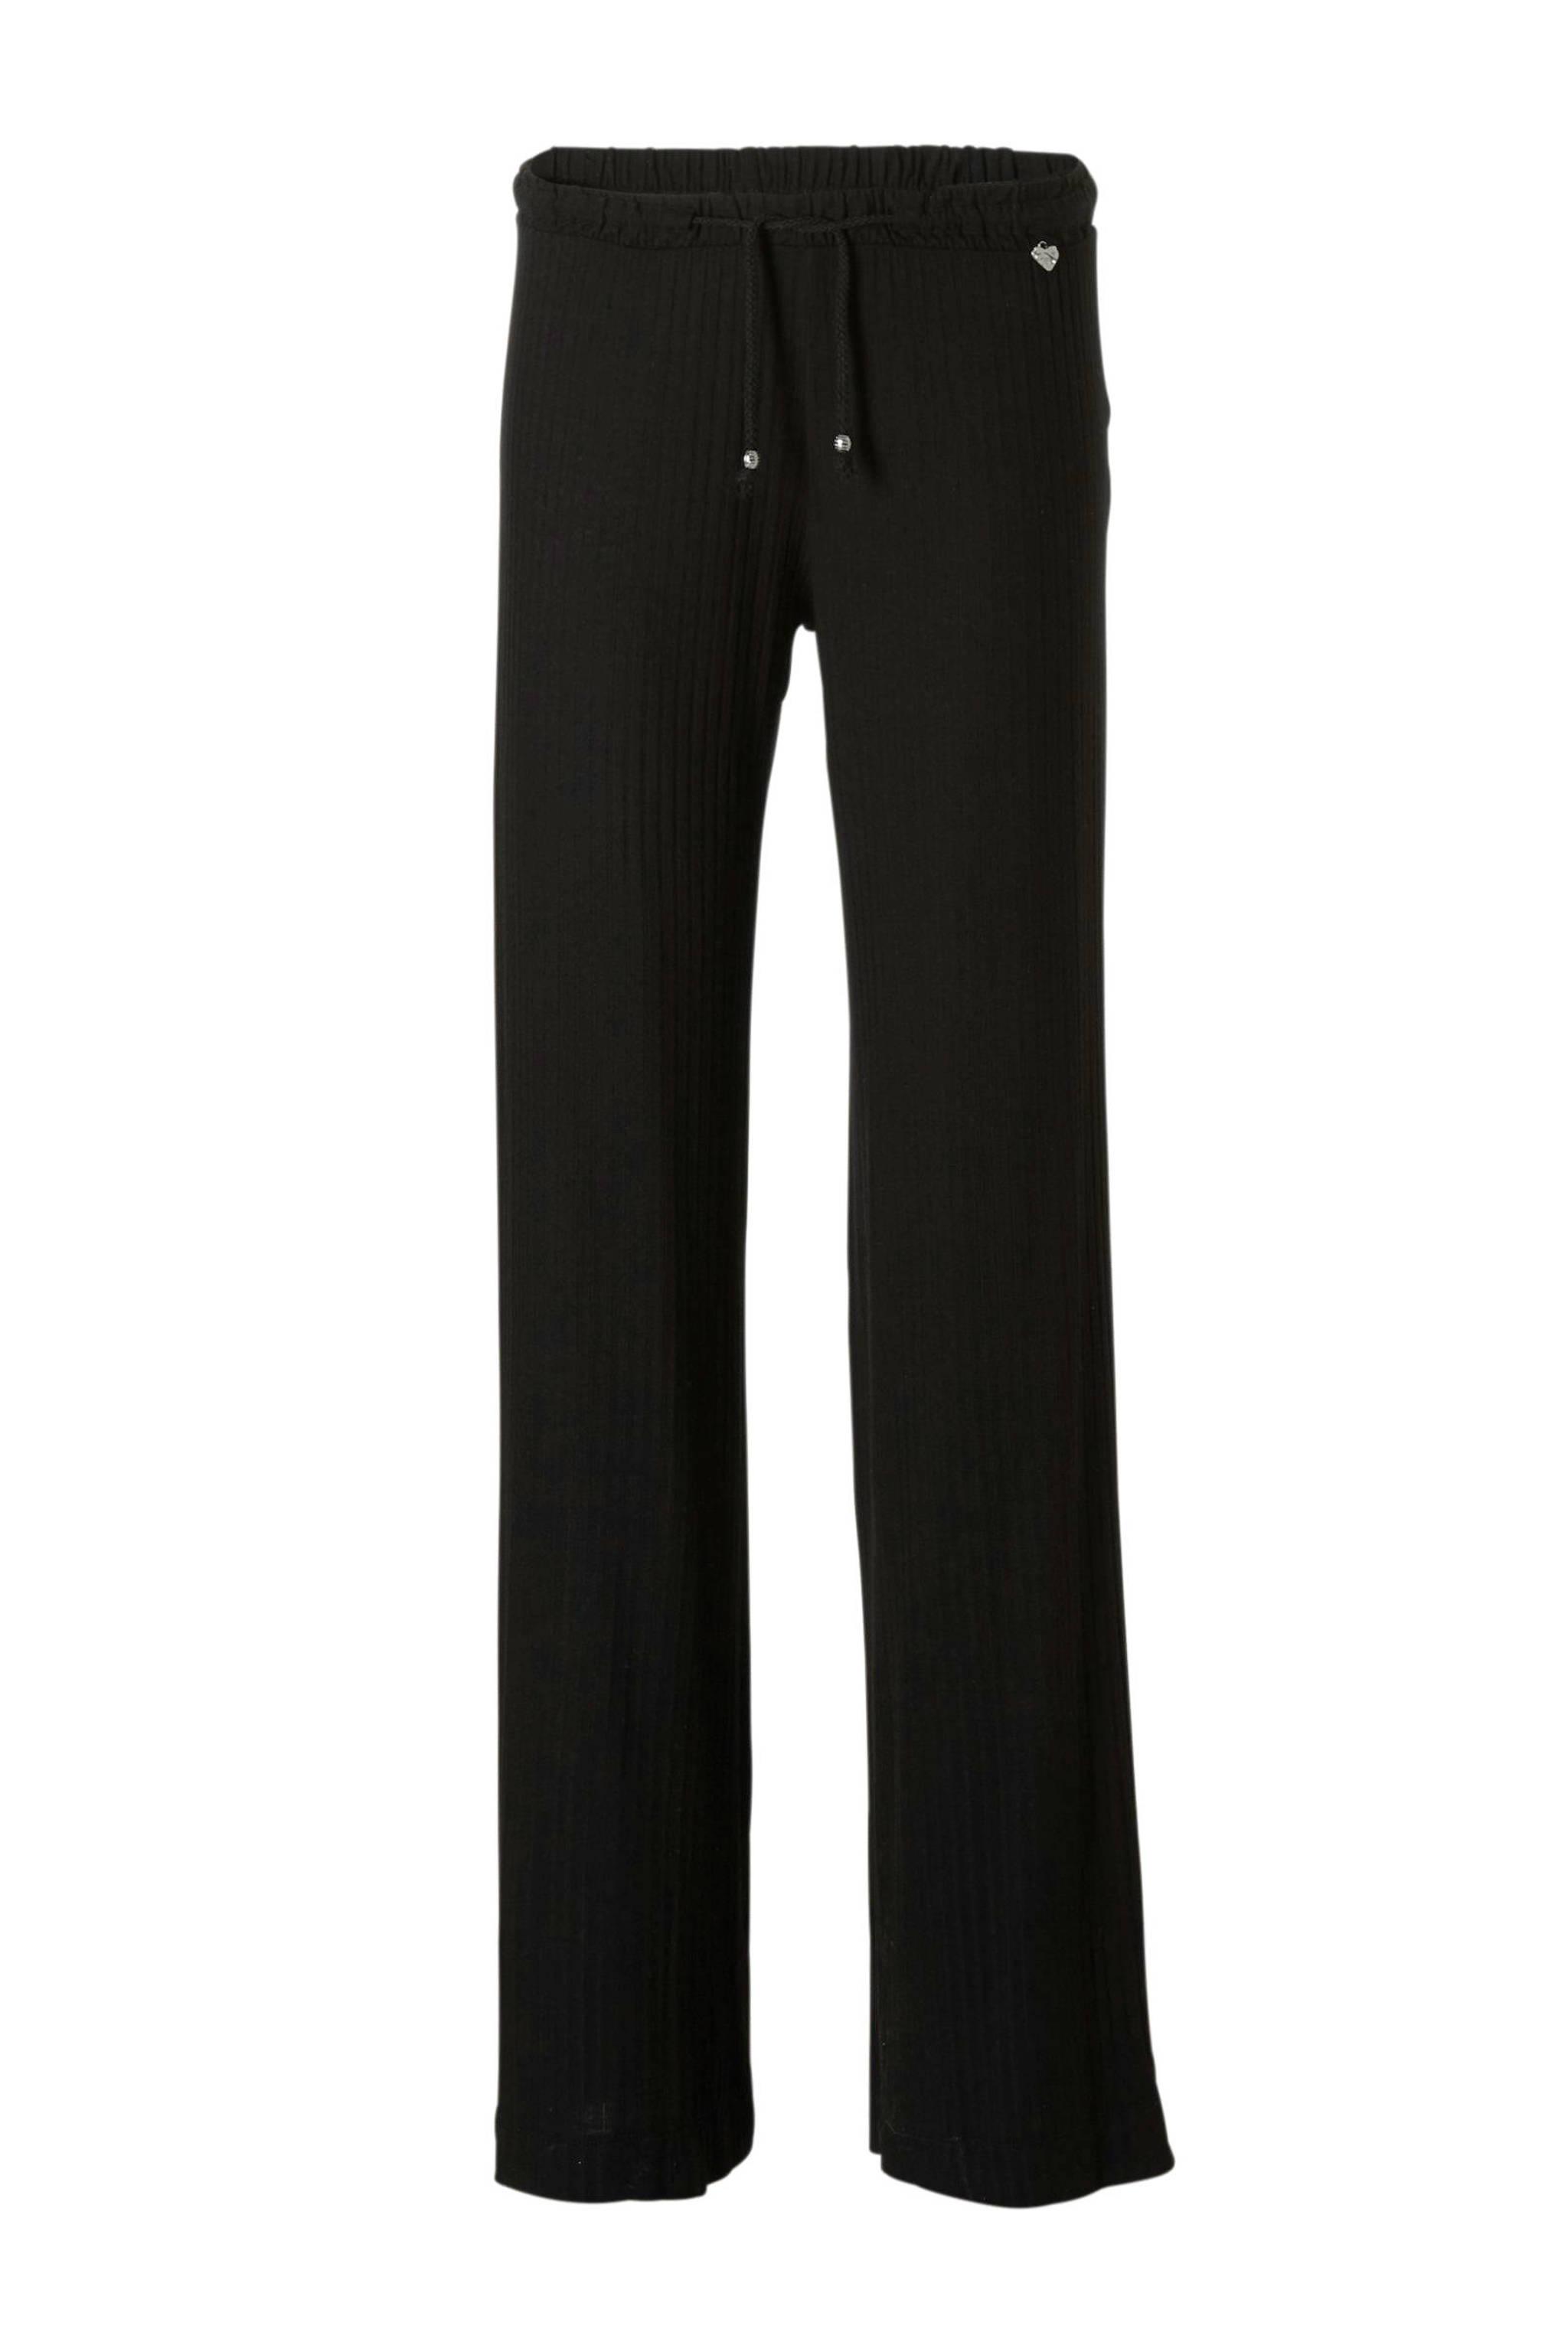 52c2848e203271 Mat Fashion broek met wijde pijpen zwart | wehkamp